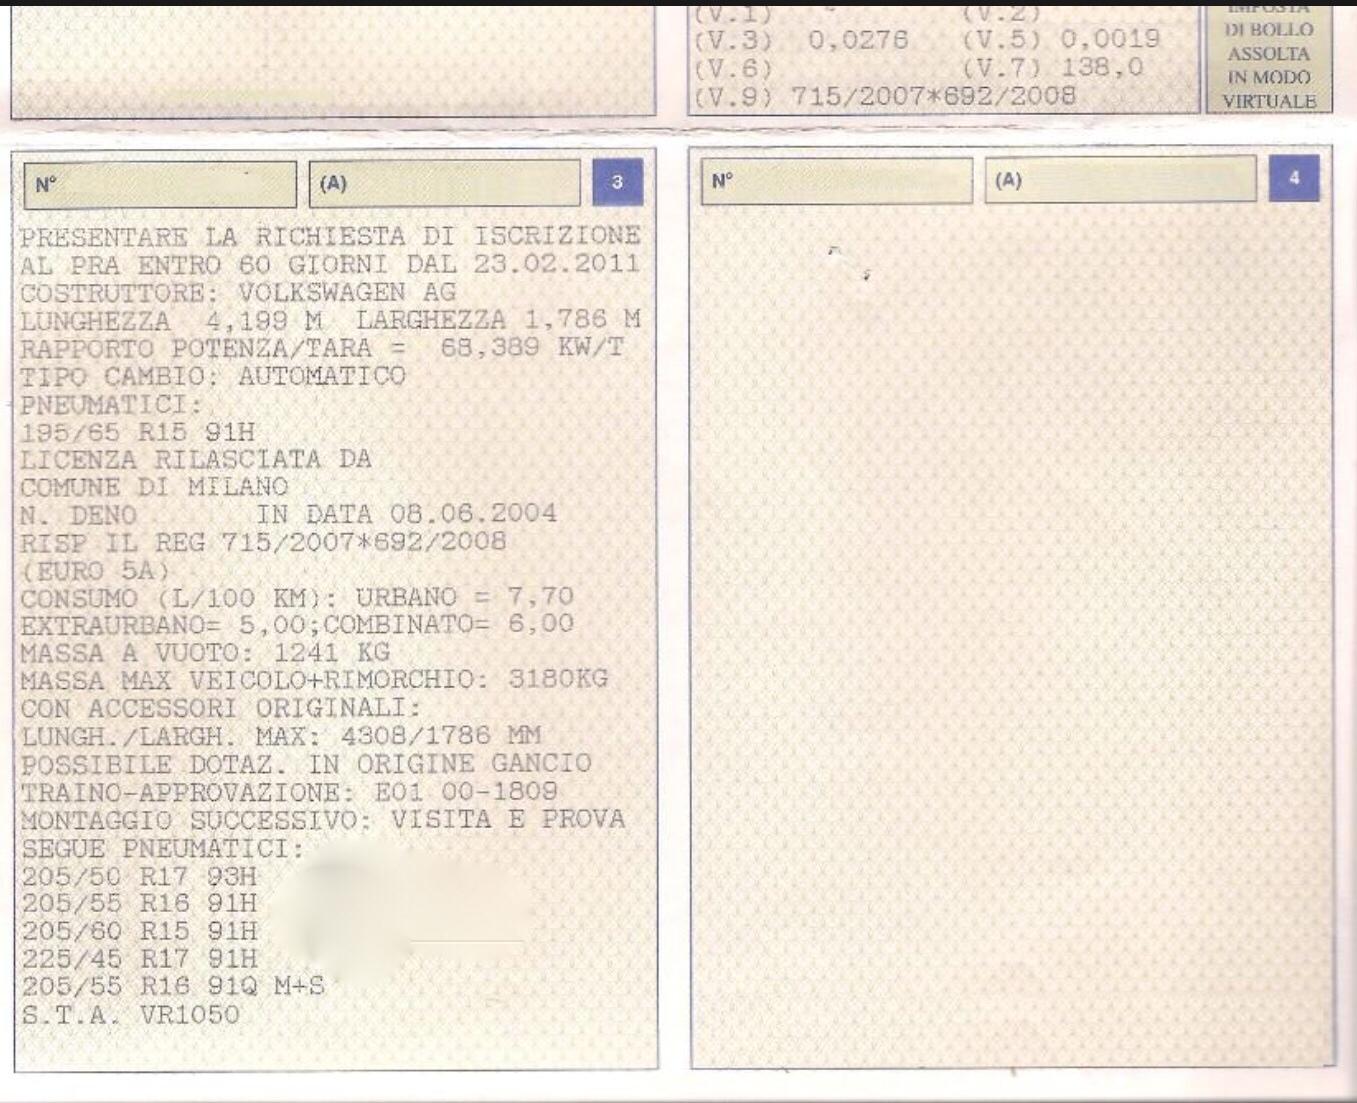 Nuova normativa gomme M+s con codice velocità inferiore - Pagina 5 UjrXCHz1_original